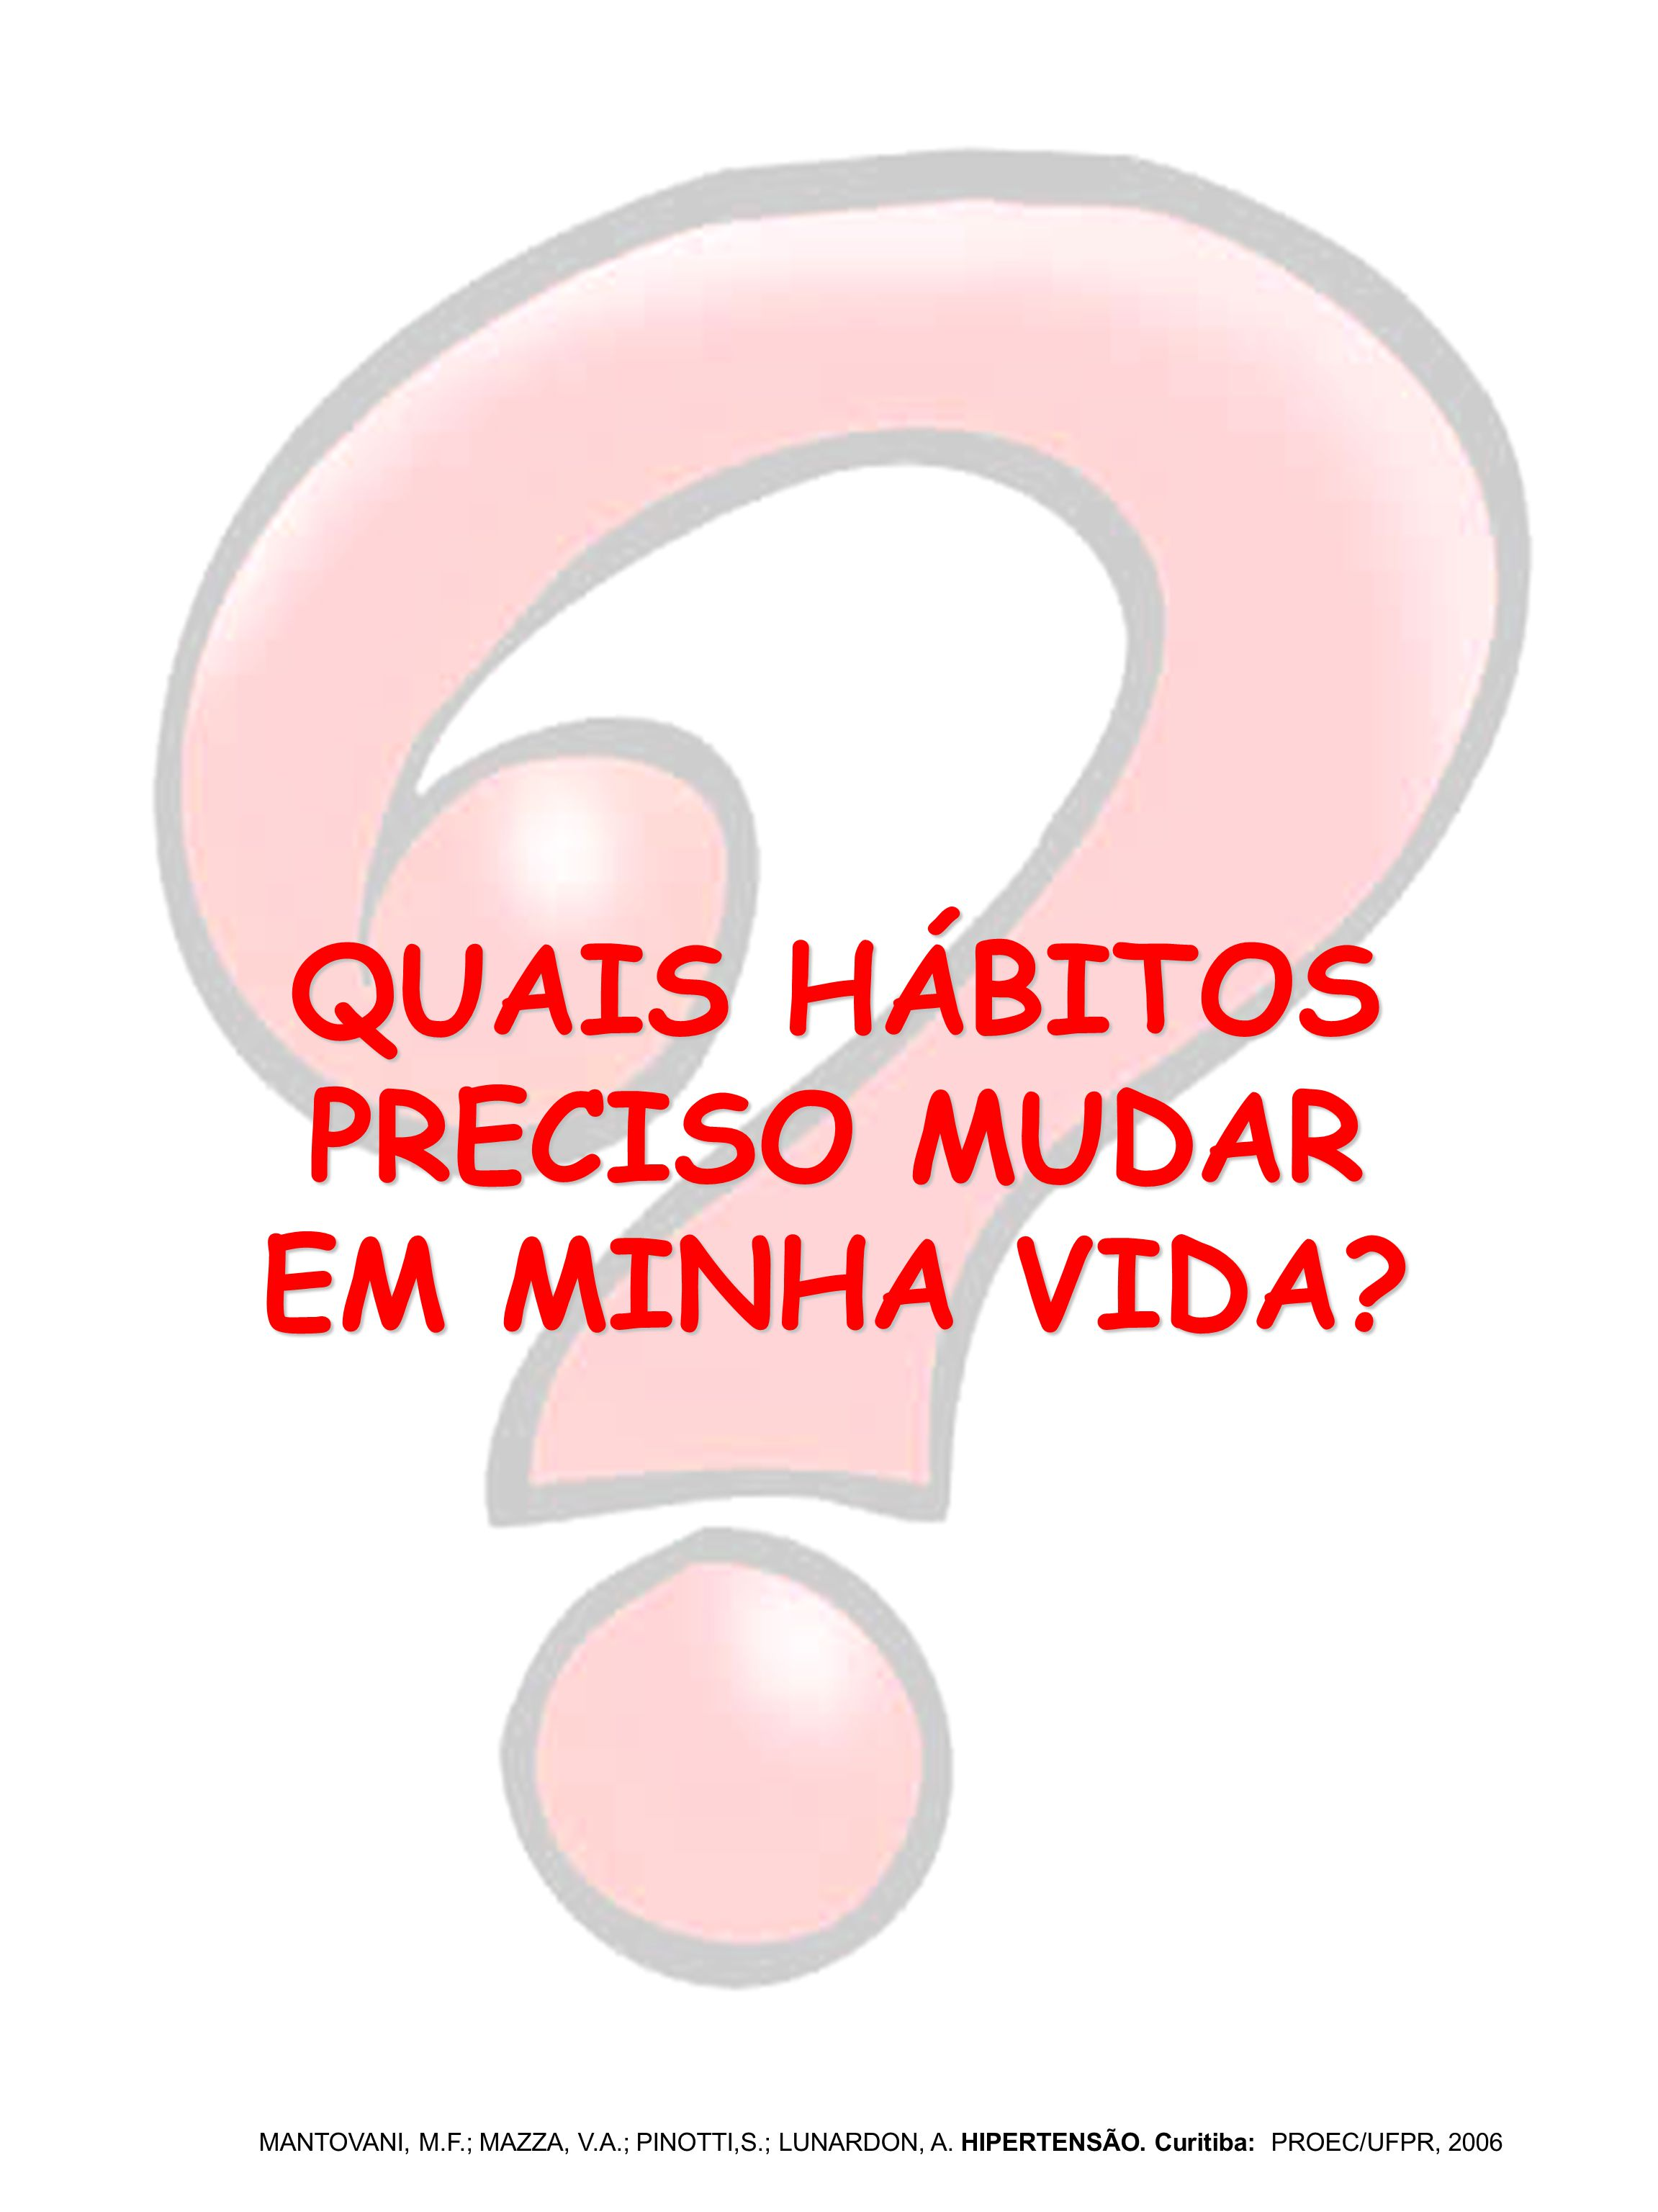 QUAIS HÁBITOS PRECISO MUDAR EM MINHA VIDA? MANTOVANI, M.F.; MAZZA, V.A.; PINOTTI,S.; LUNARDON, A. HIPERTENSÃO. Curitiba: PROEC/UFPR, 2006